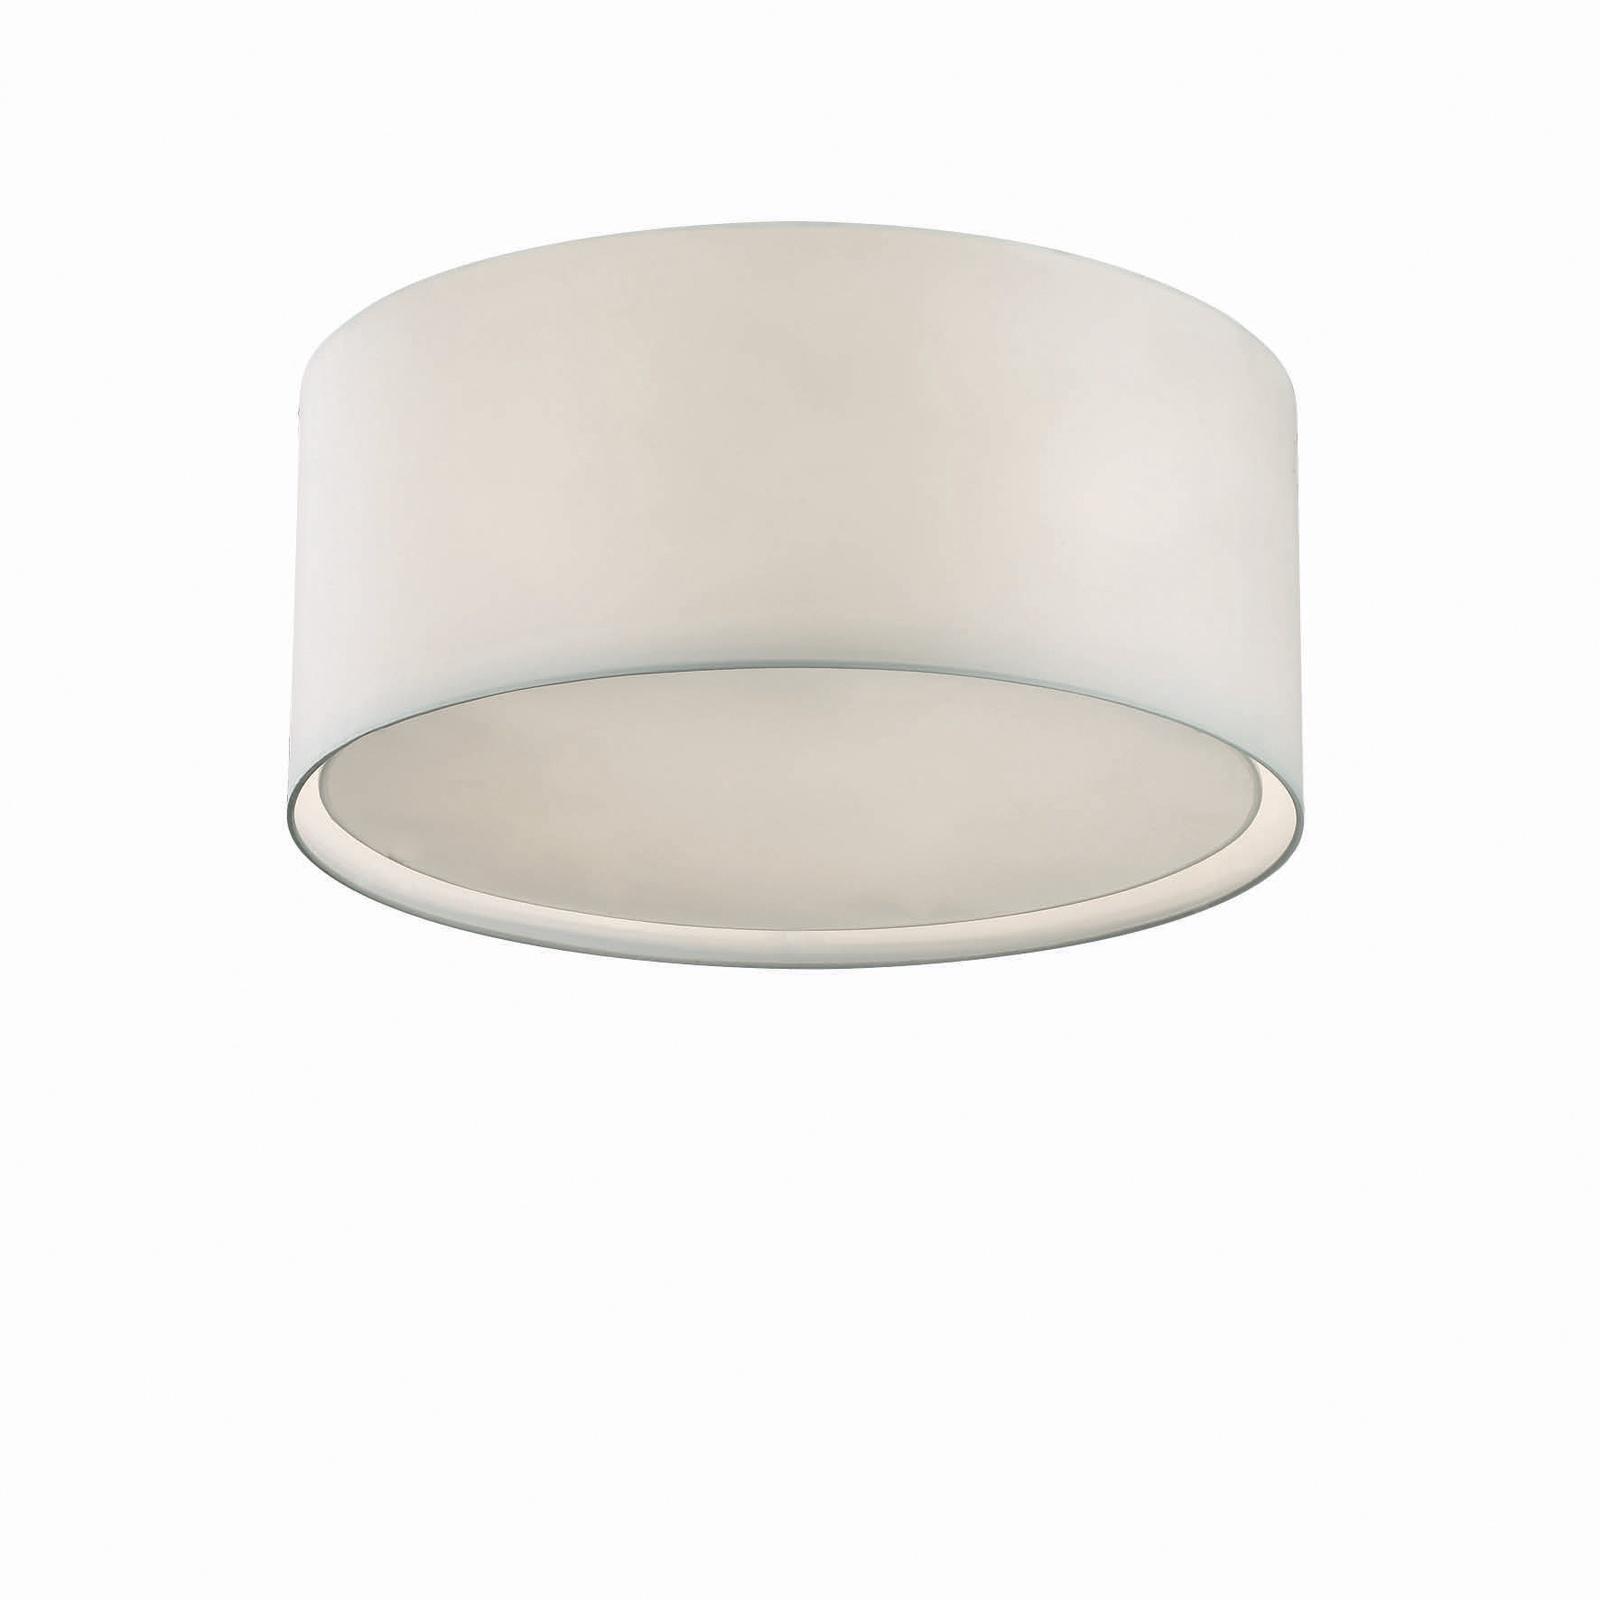 Потолочный светильник Ideal Lux PL5 ideal lux потолочный светильник ideal lux virgin pl5